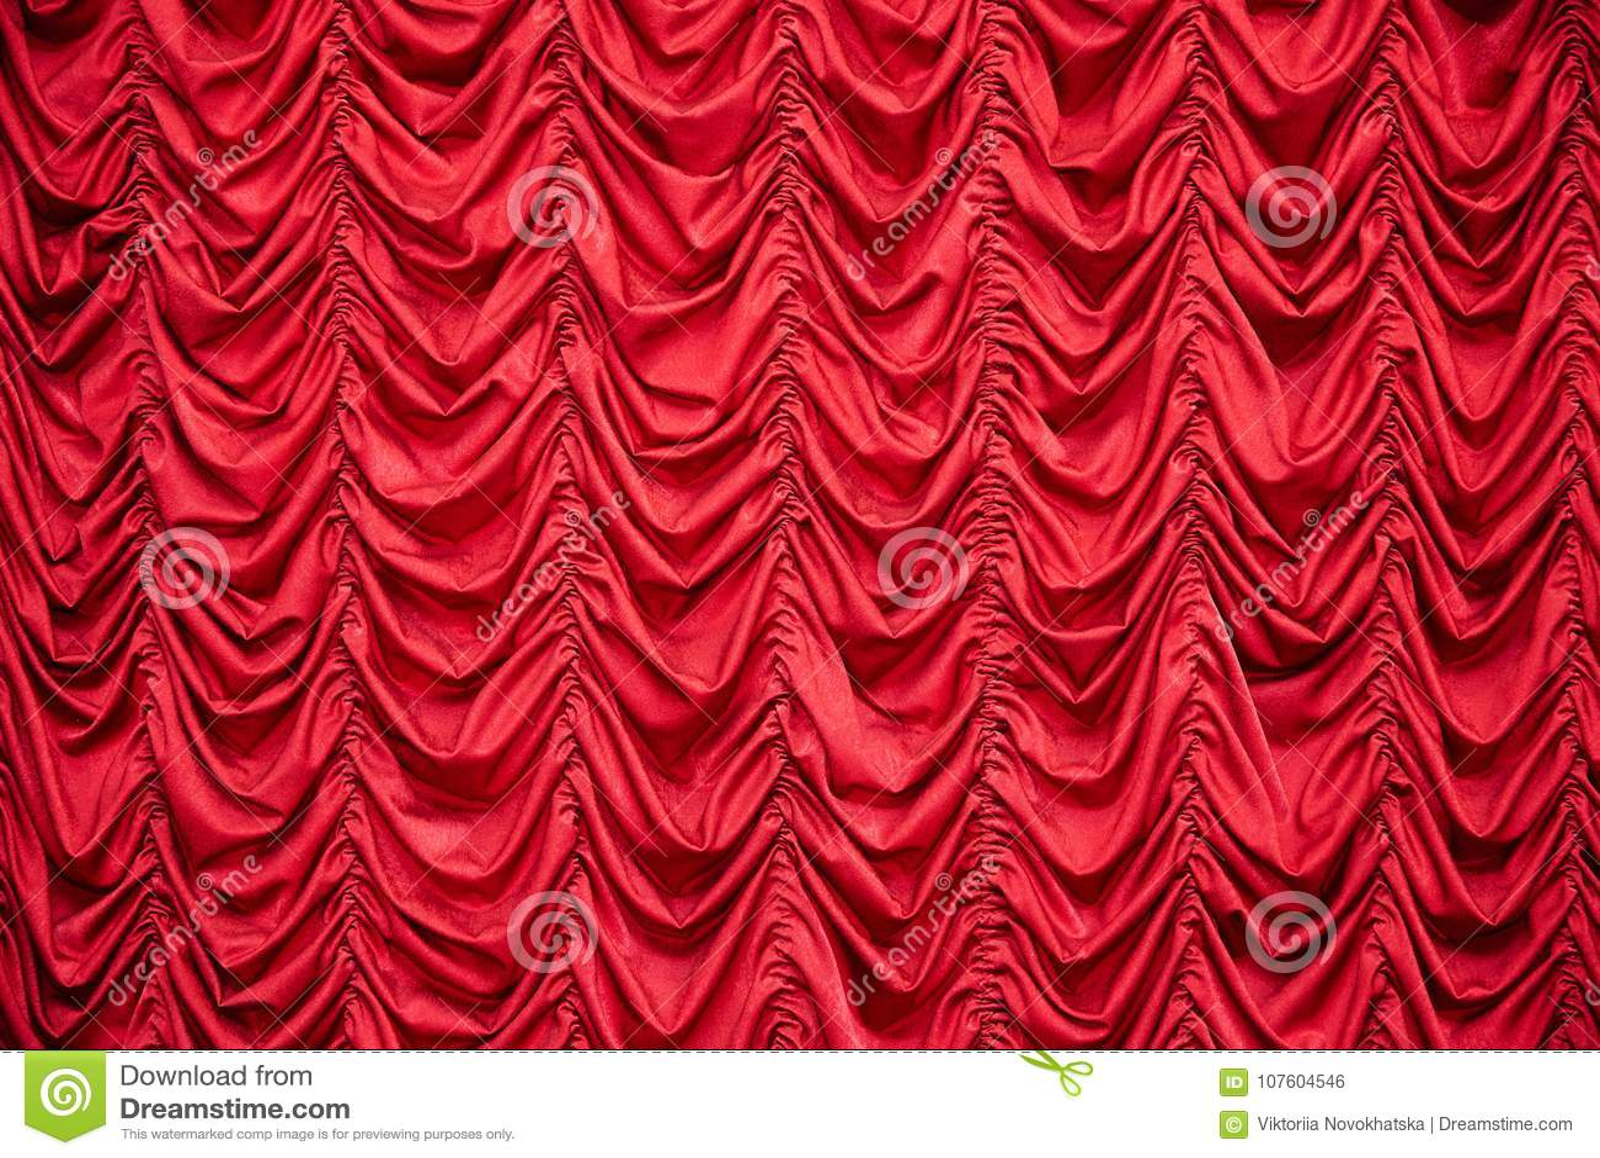 Rode gedrapeerde gordijnen stock foto. Afbeelding bestaande uit ...